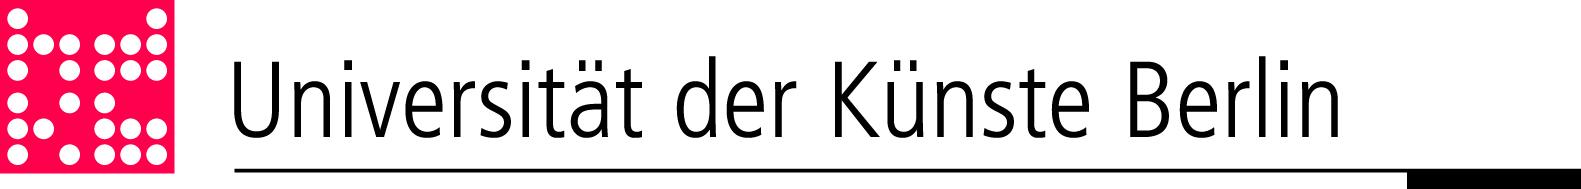 udk-berlin-logo